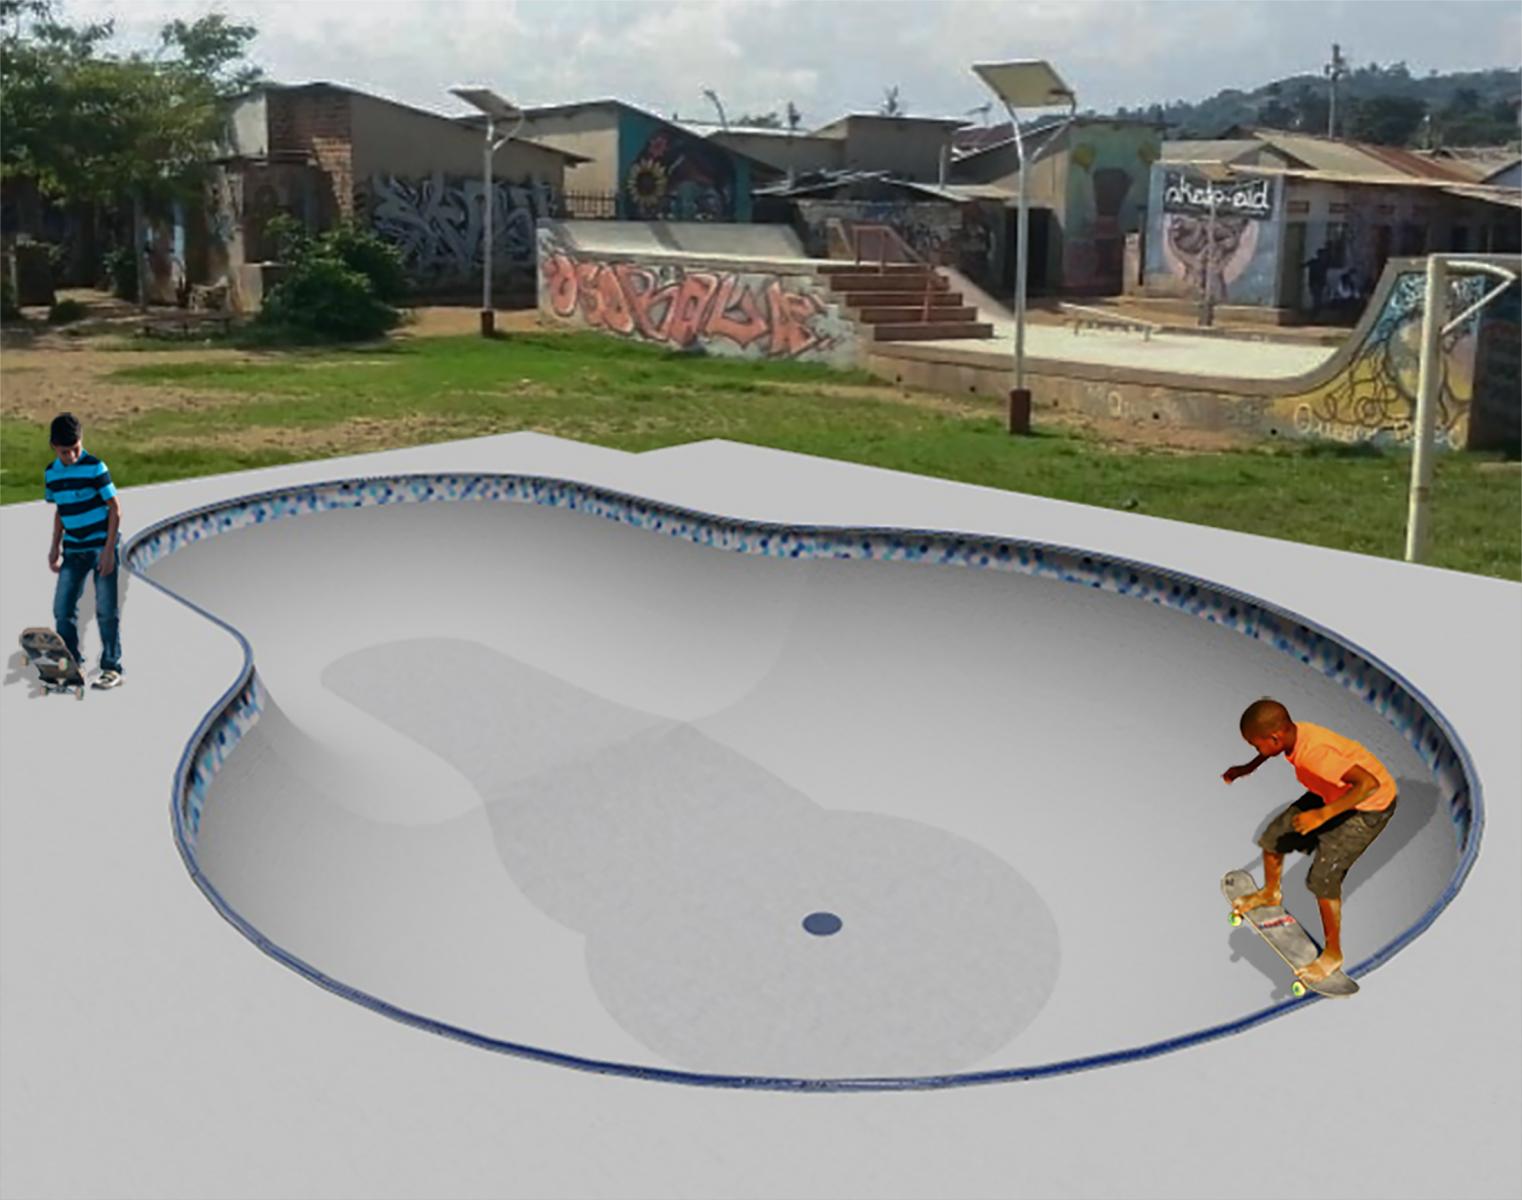 200310_Uganda_3D_Bowl.png